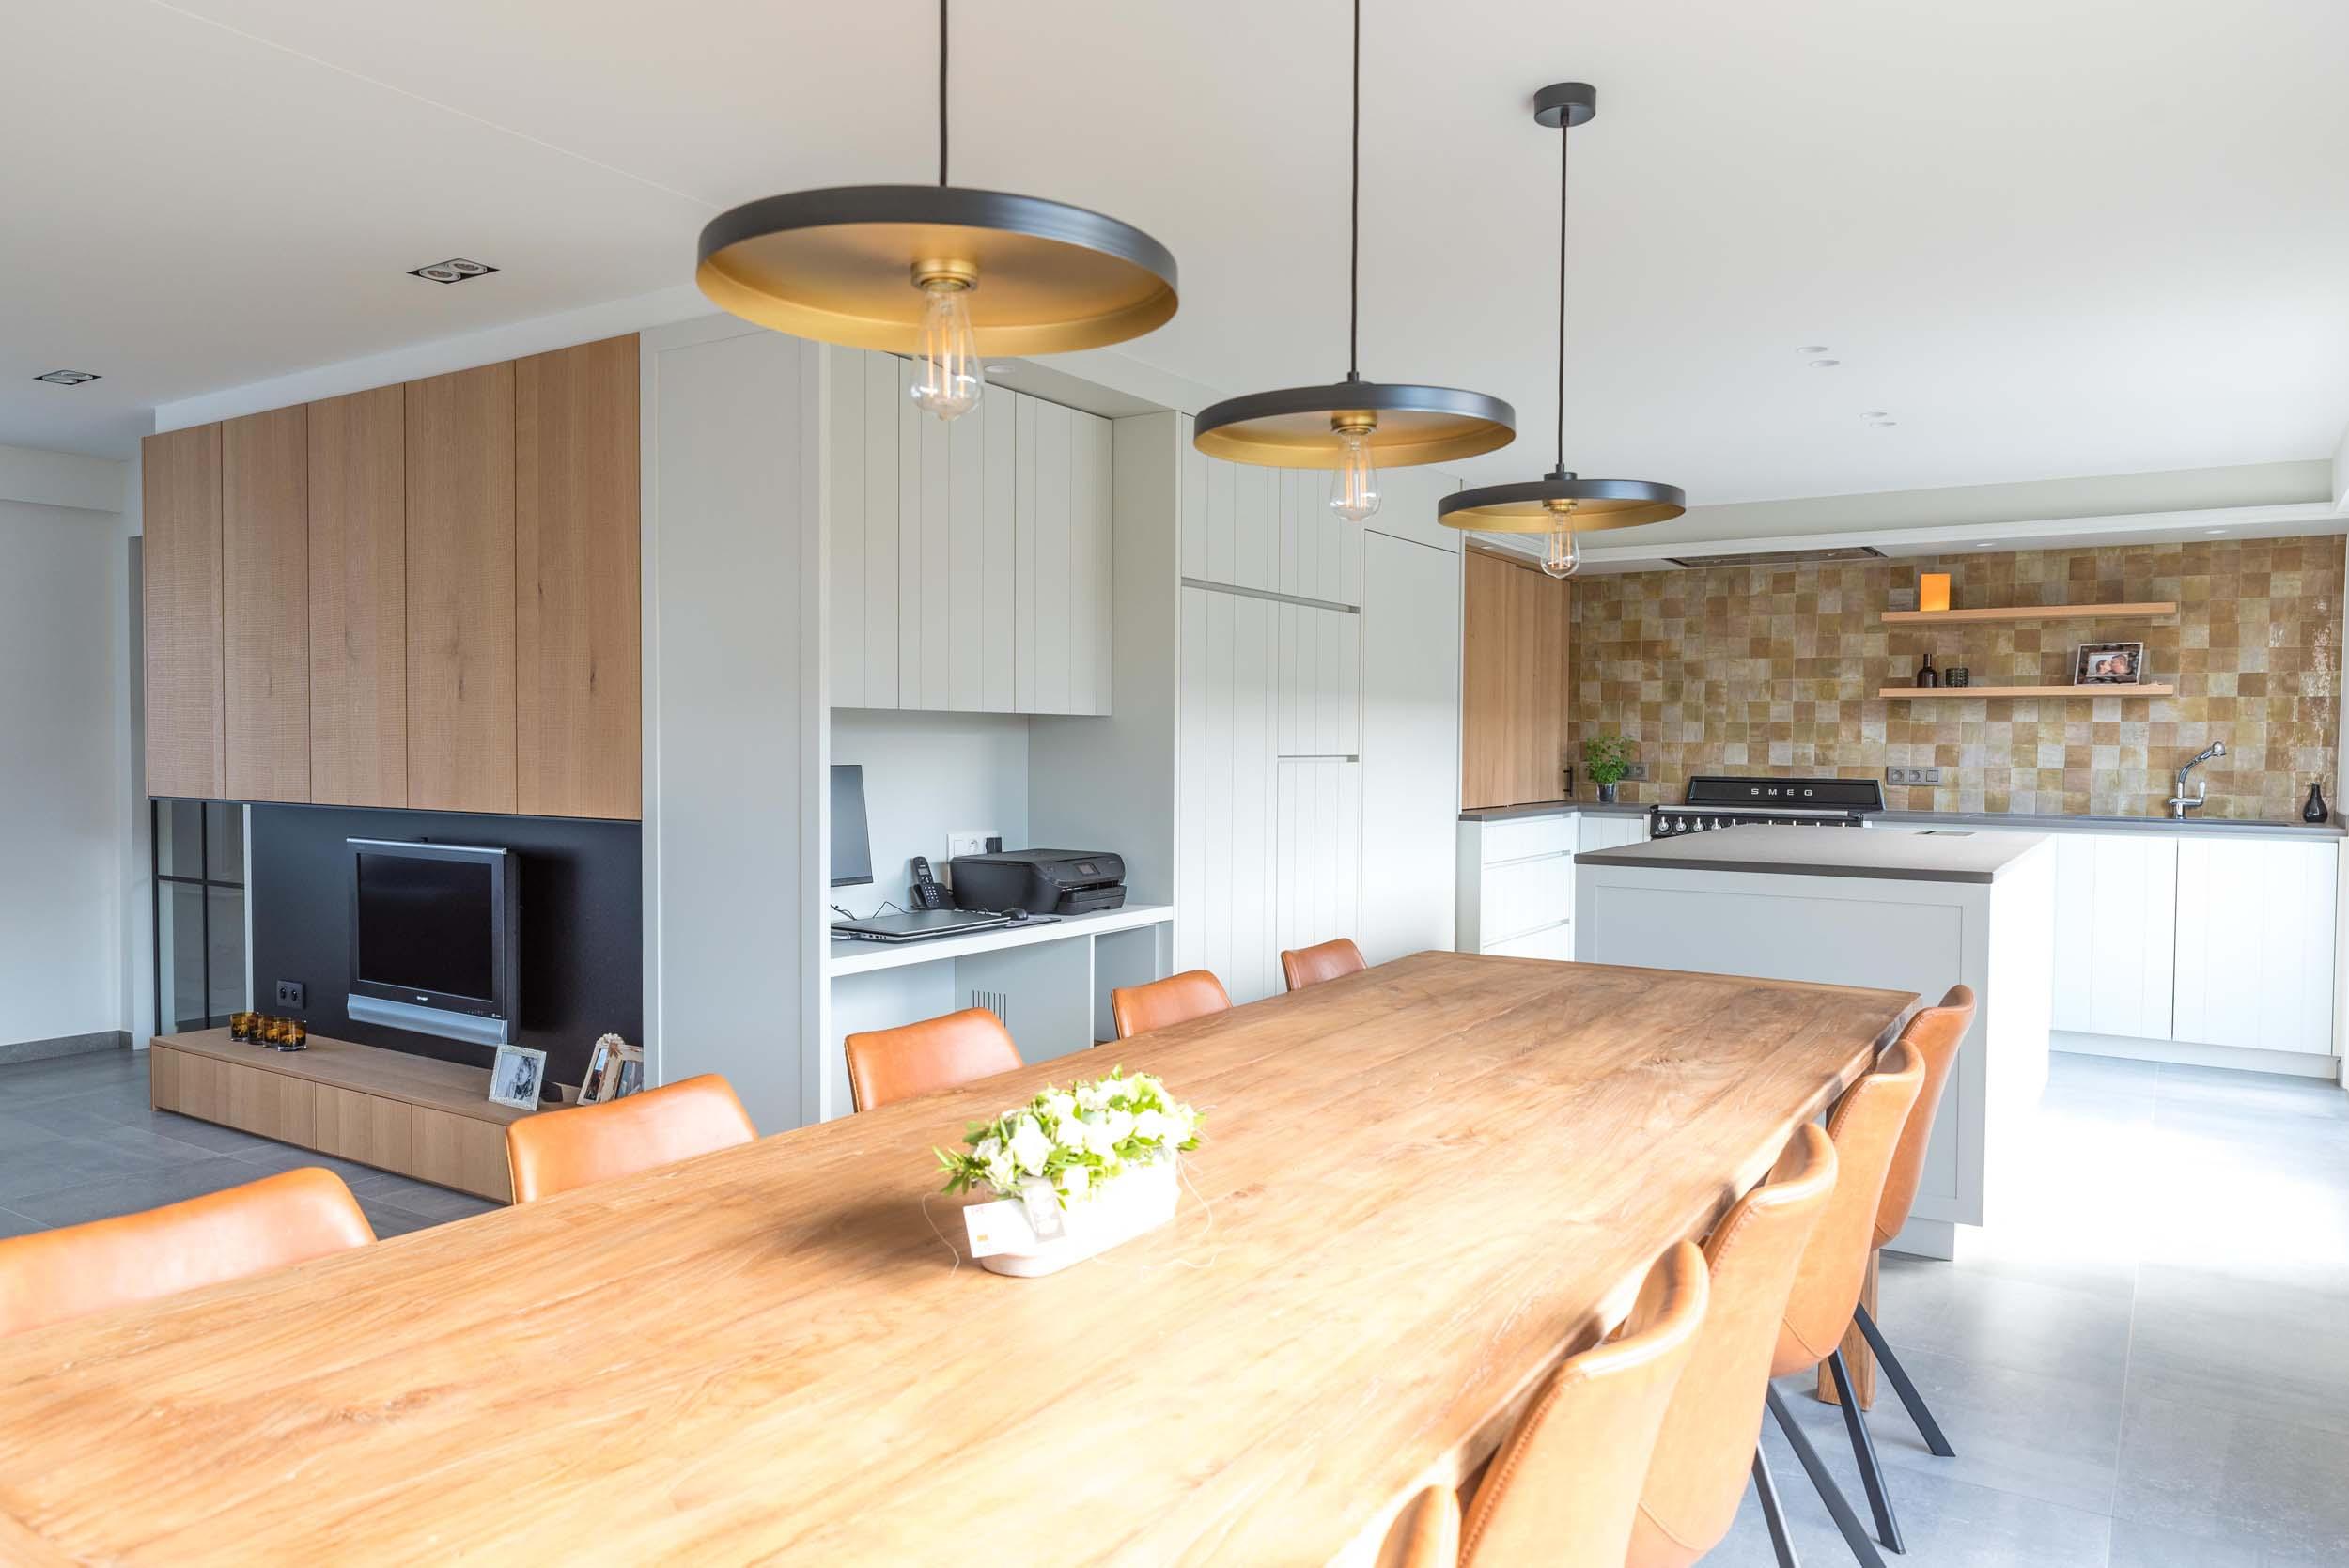 Vanda-projects-interieurinrichting-meubelmakerij-oost-vlaanderen-six-marke-eettafel